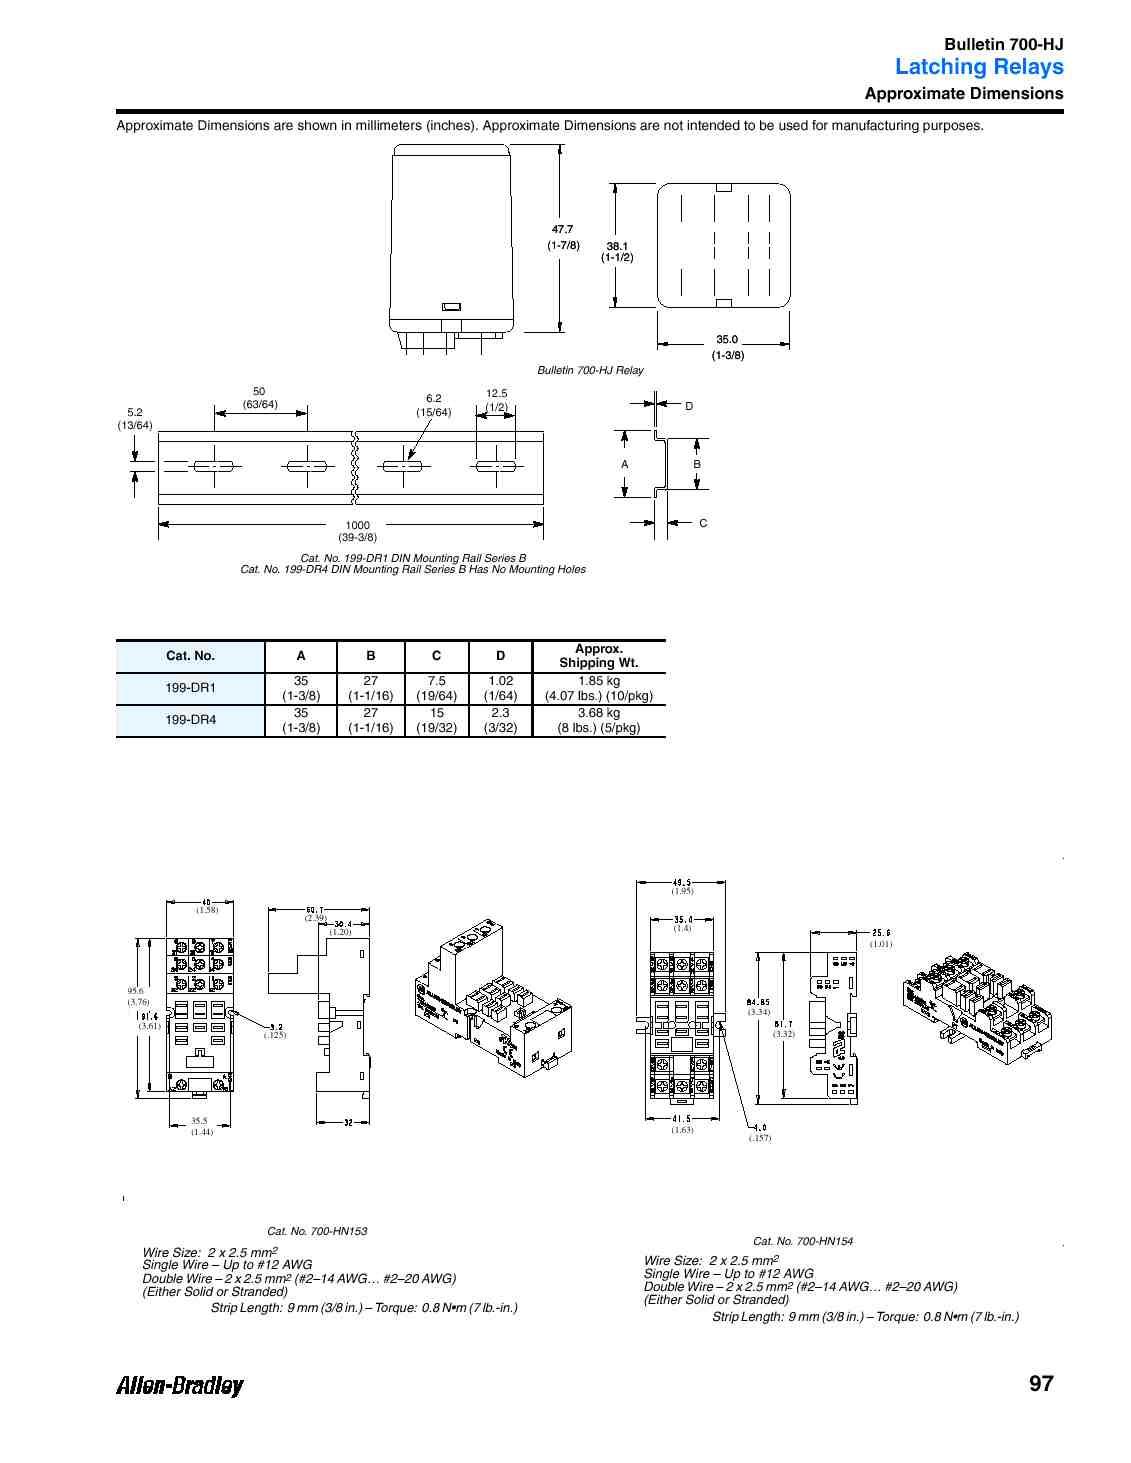 Allen dley 855t Bcb Wiring Diagram | Wiring Schematic ... on